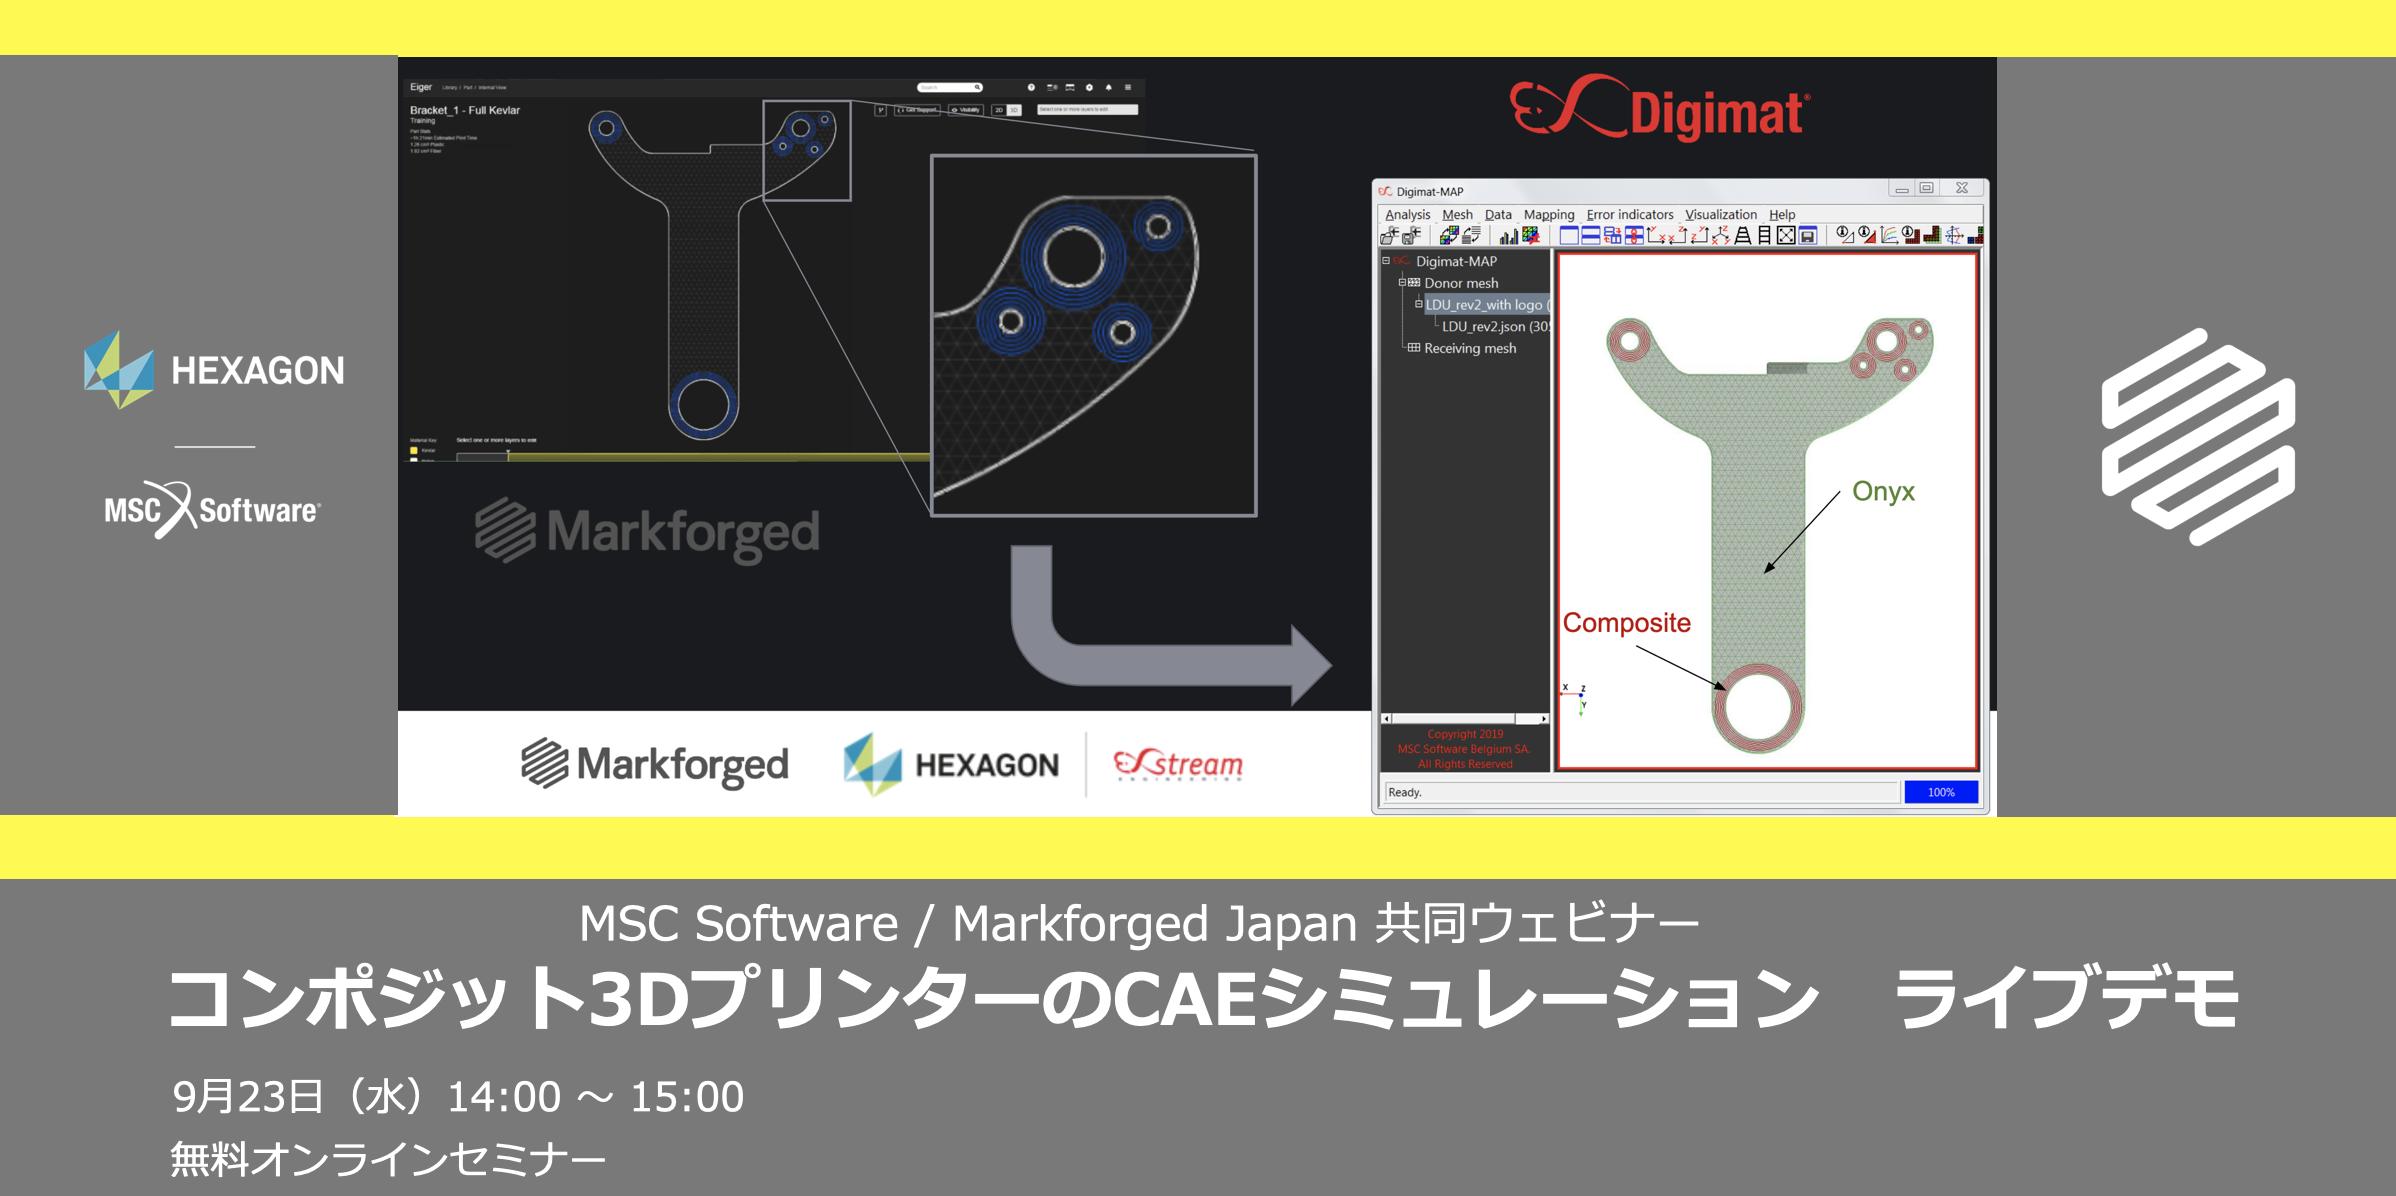 コンポジット3DプリンターのCAEシミュレーション ライブデモのご案内